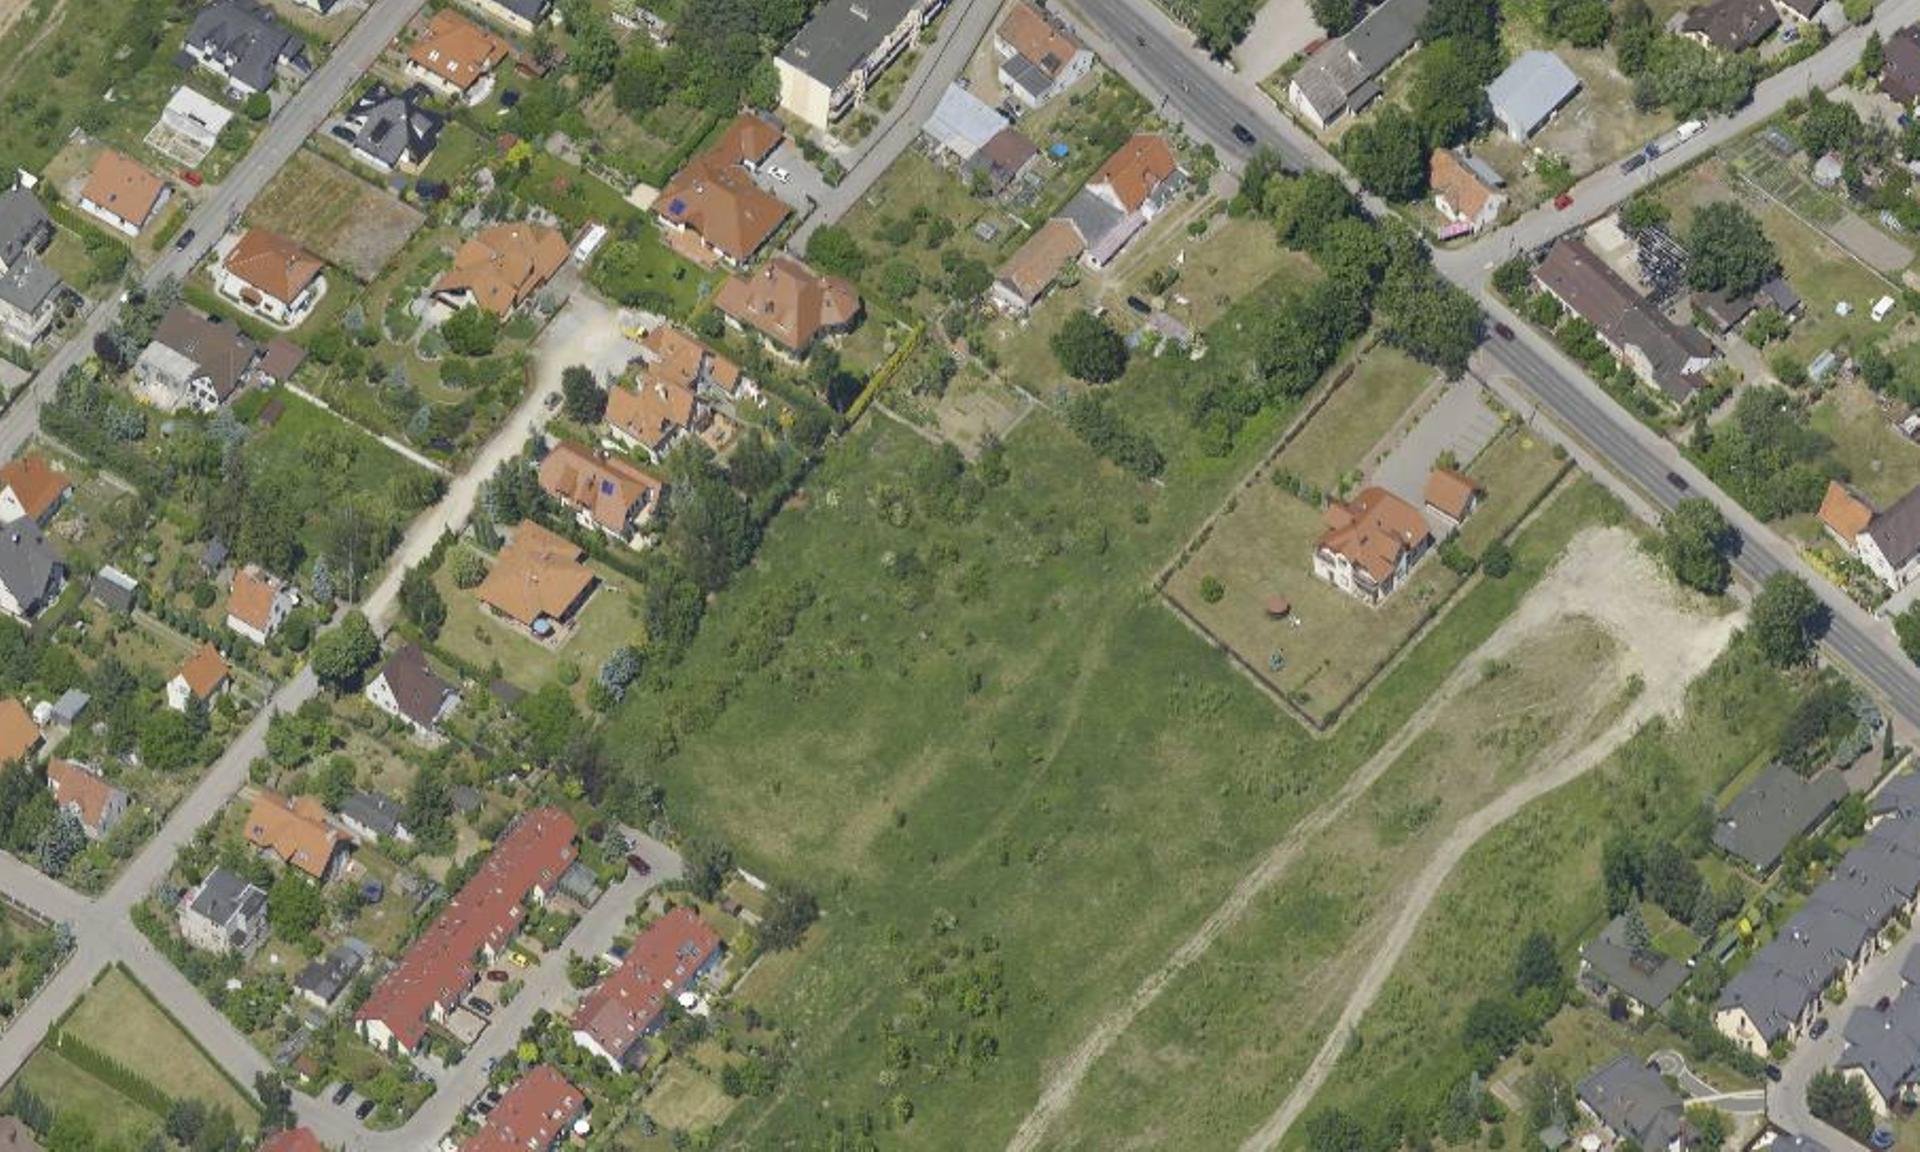 Wrocław: Arbet przygotowuje inwestycję mieszkaniową na Wojnowie